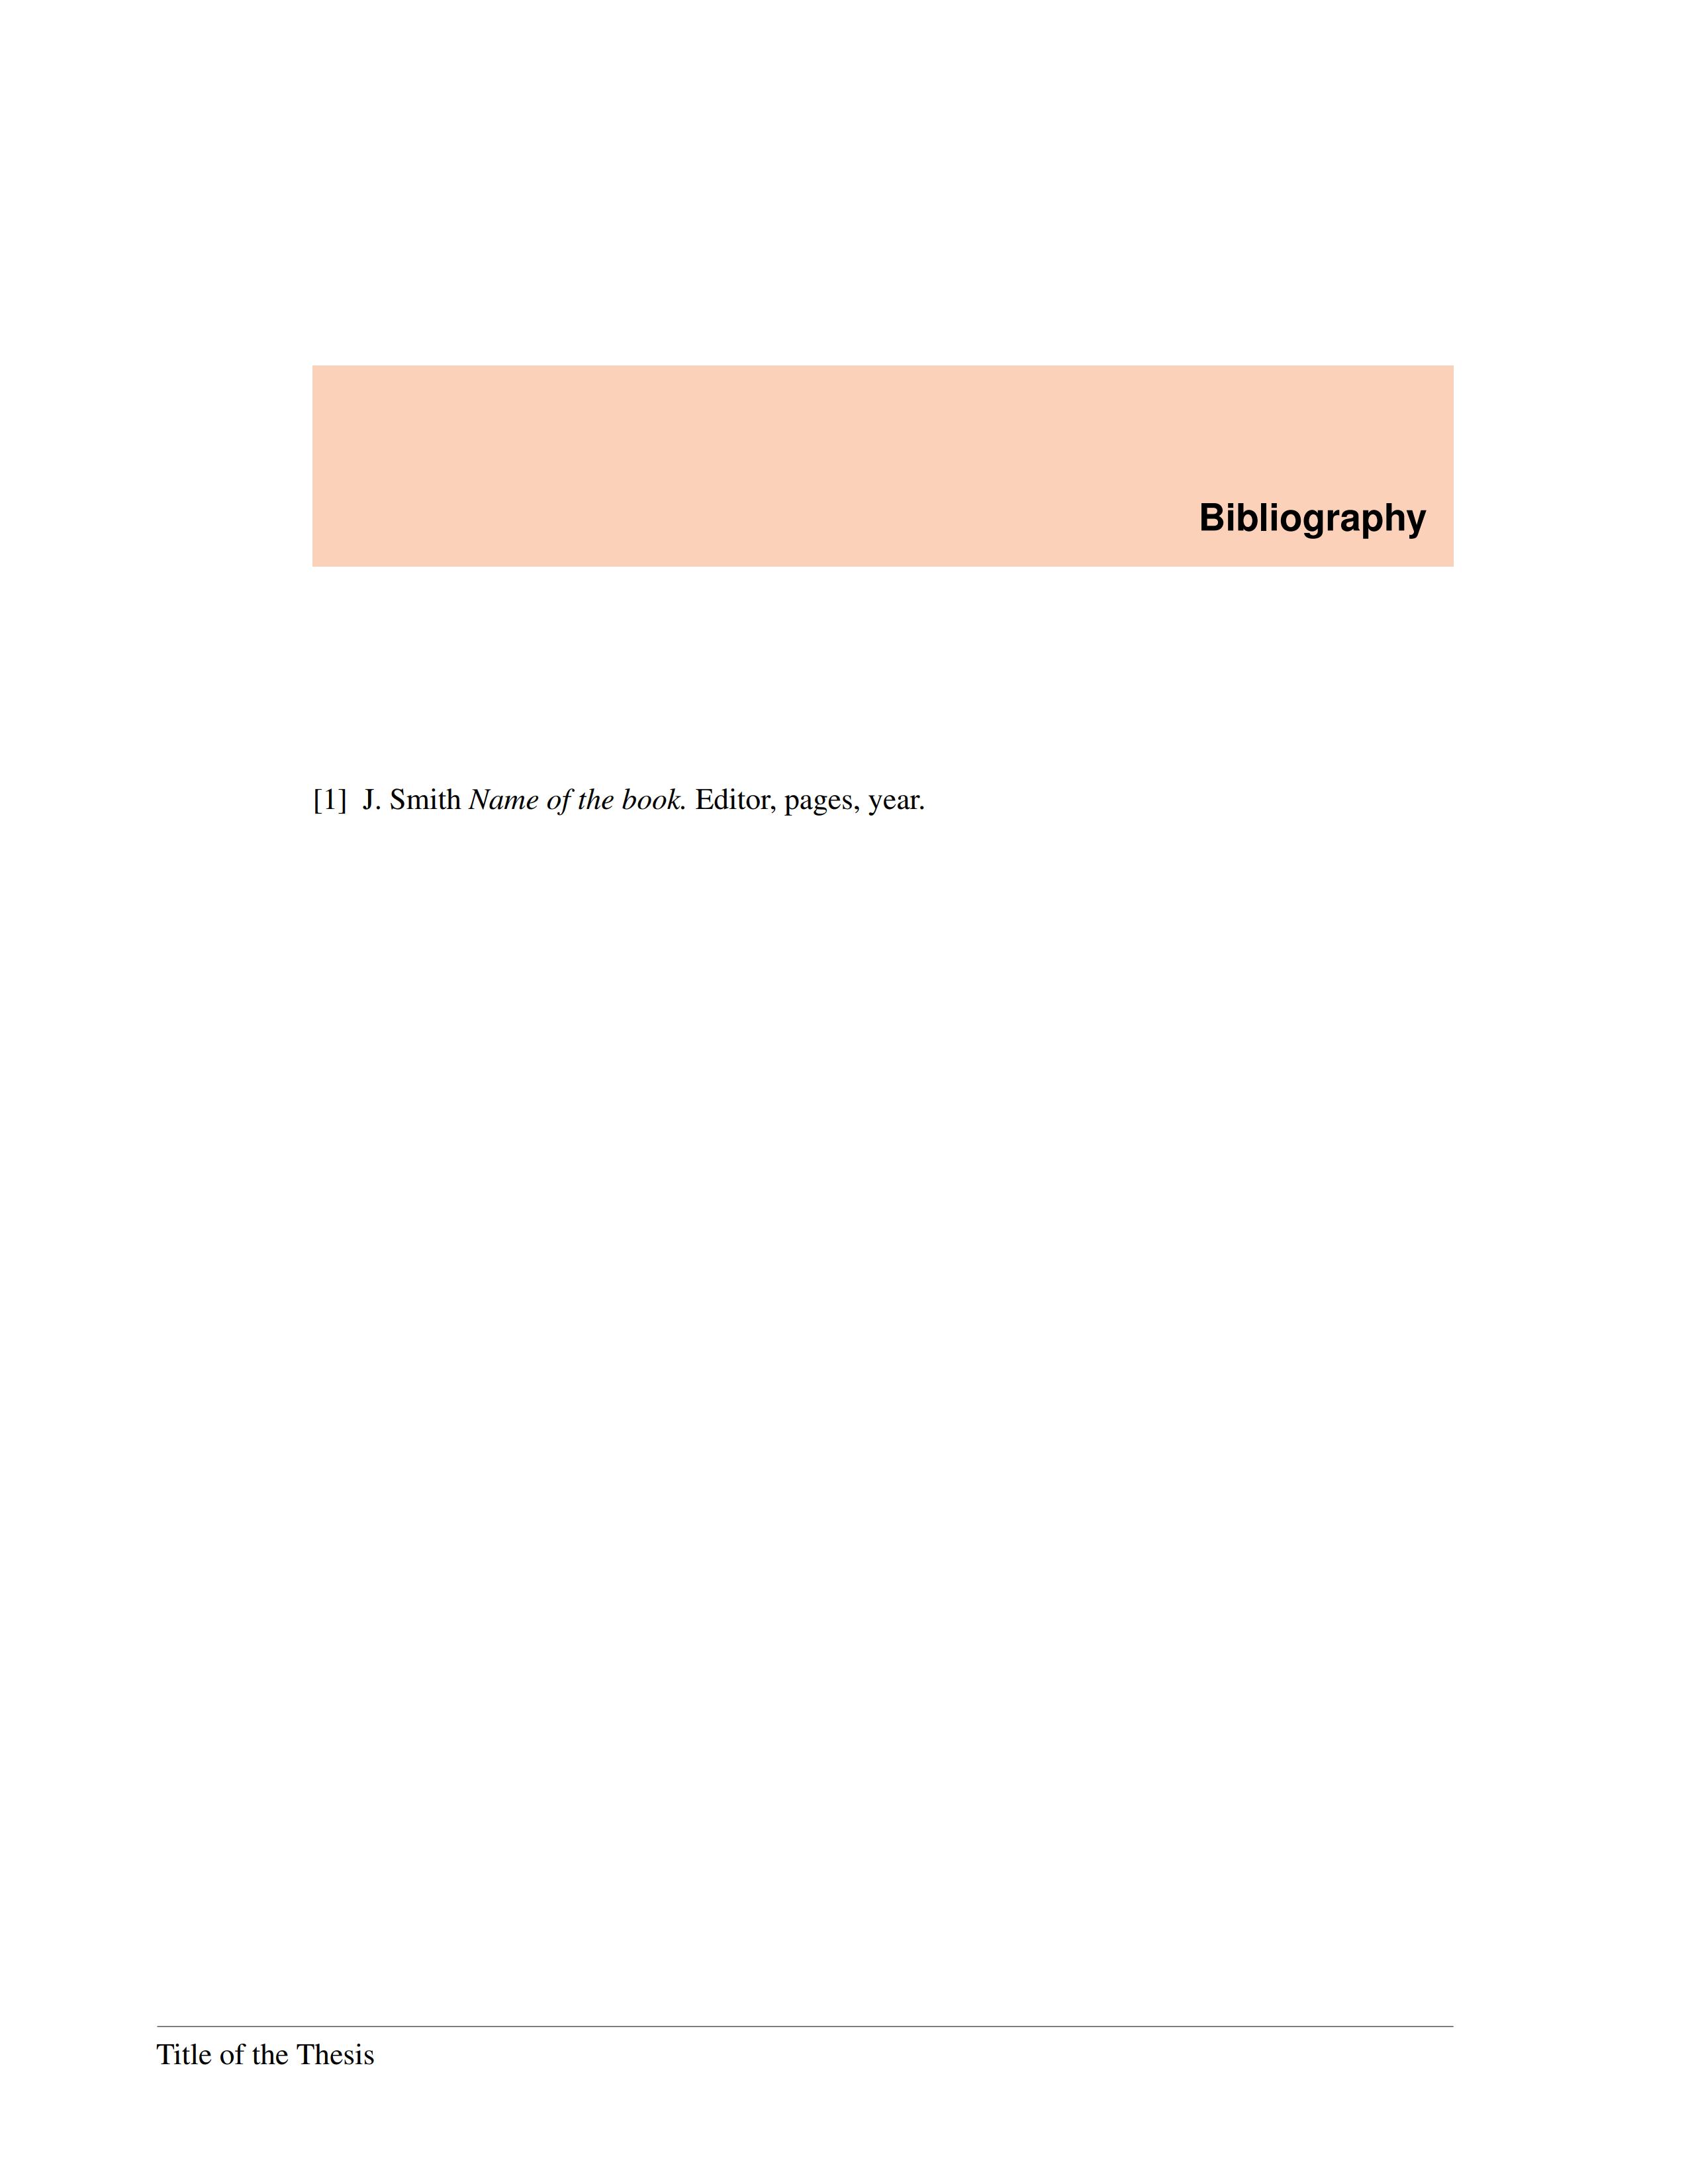 一个用户自制的毕业论文模板